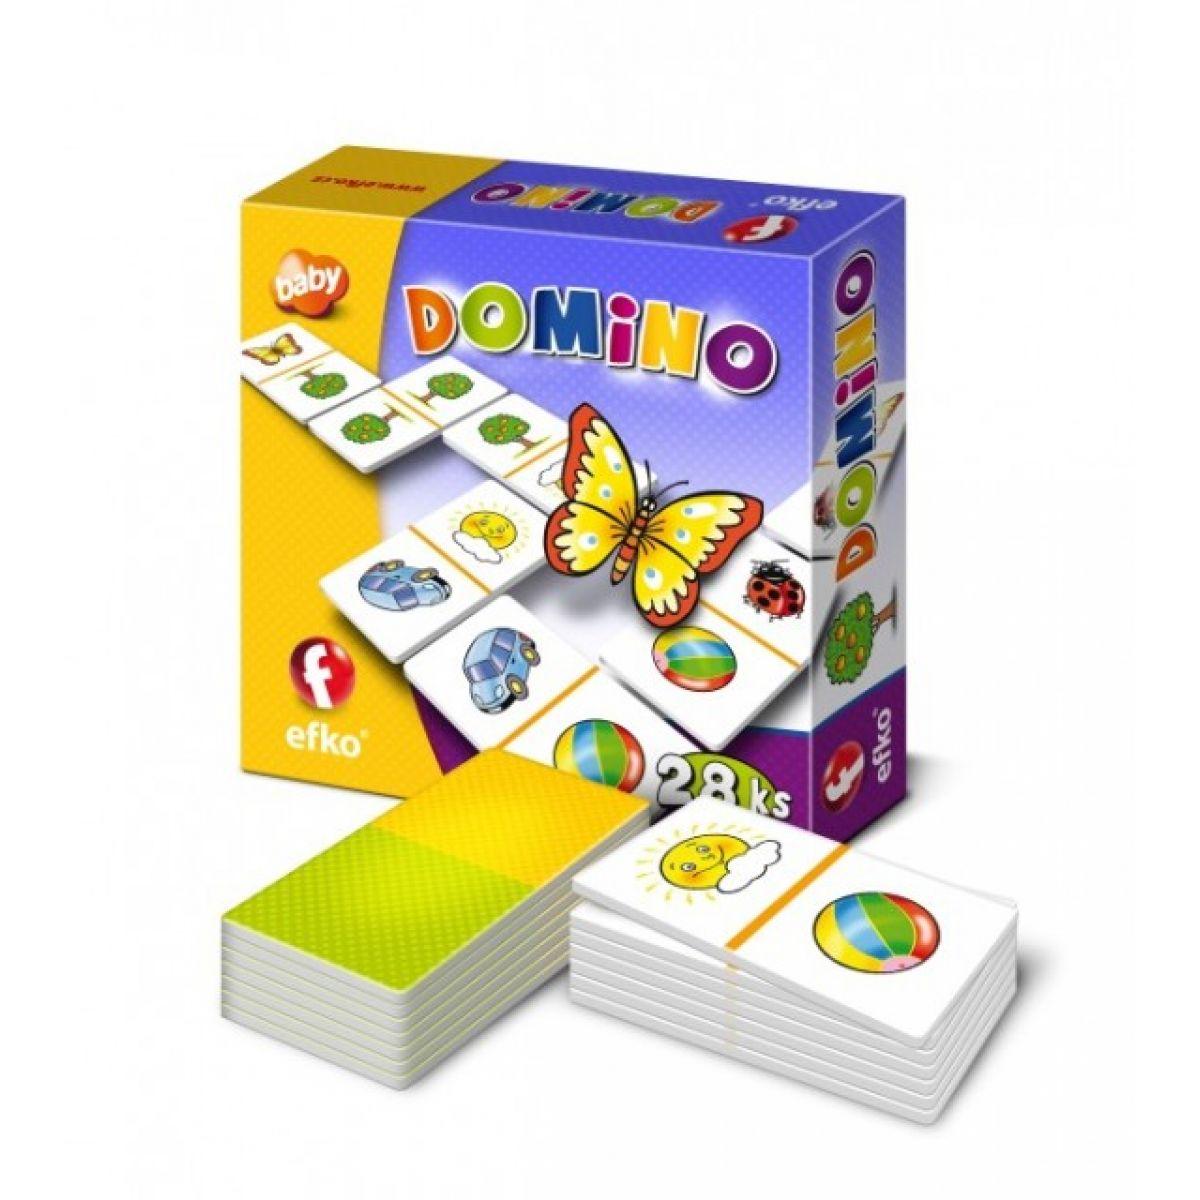 Efko Domino: Baby